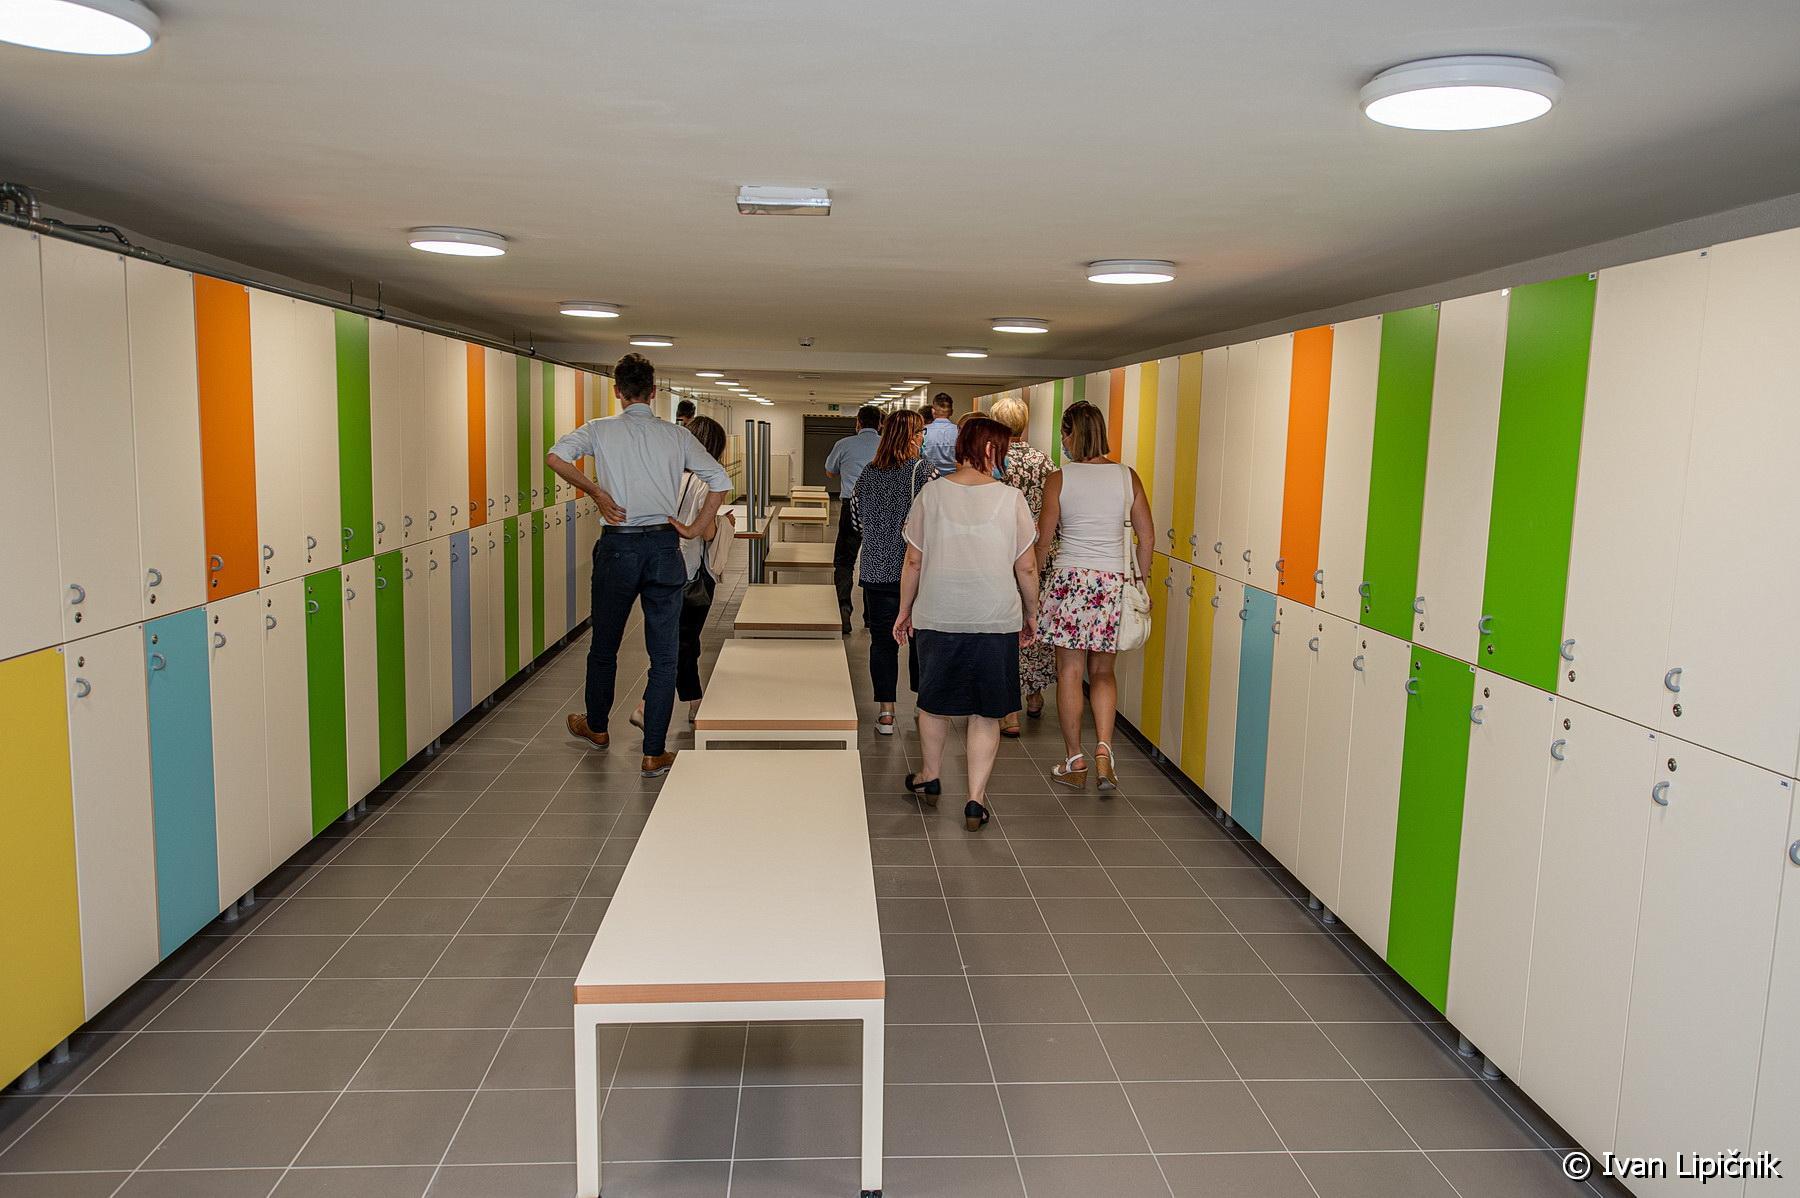 GALERIJA DOGODKOV: Odprtje novih in prenovljenih prostorov OŠ Prebold, 22. junij 2021 ( FOTO: Ivan Lipičnik )